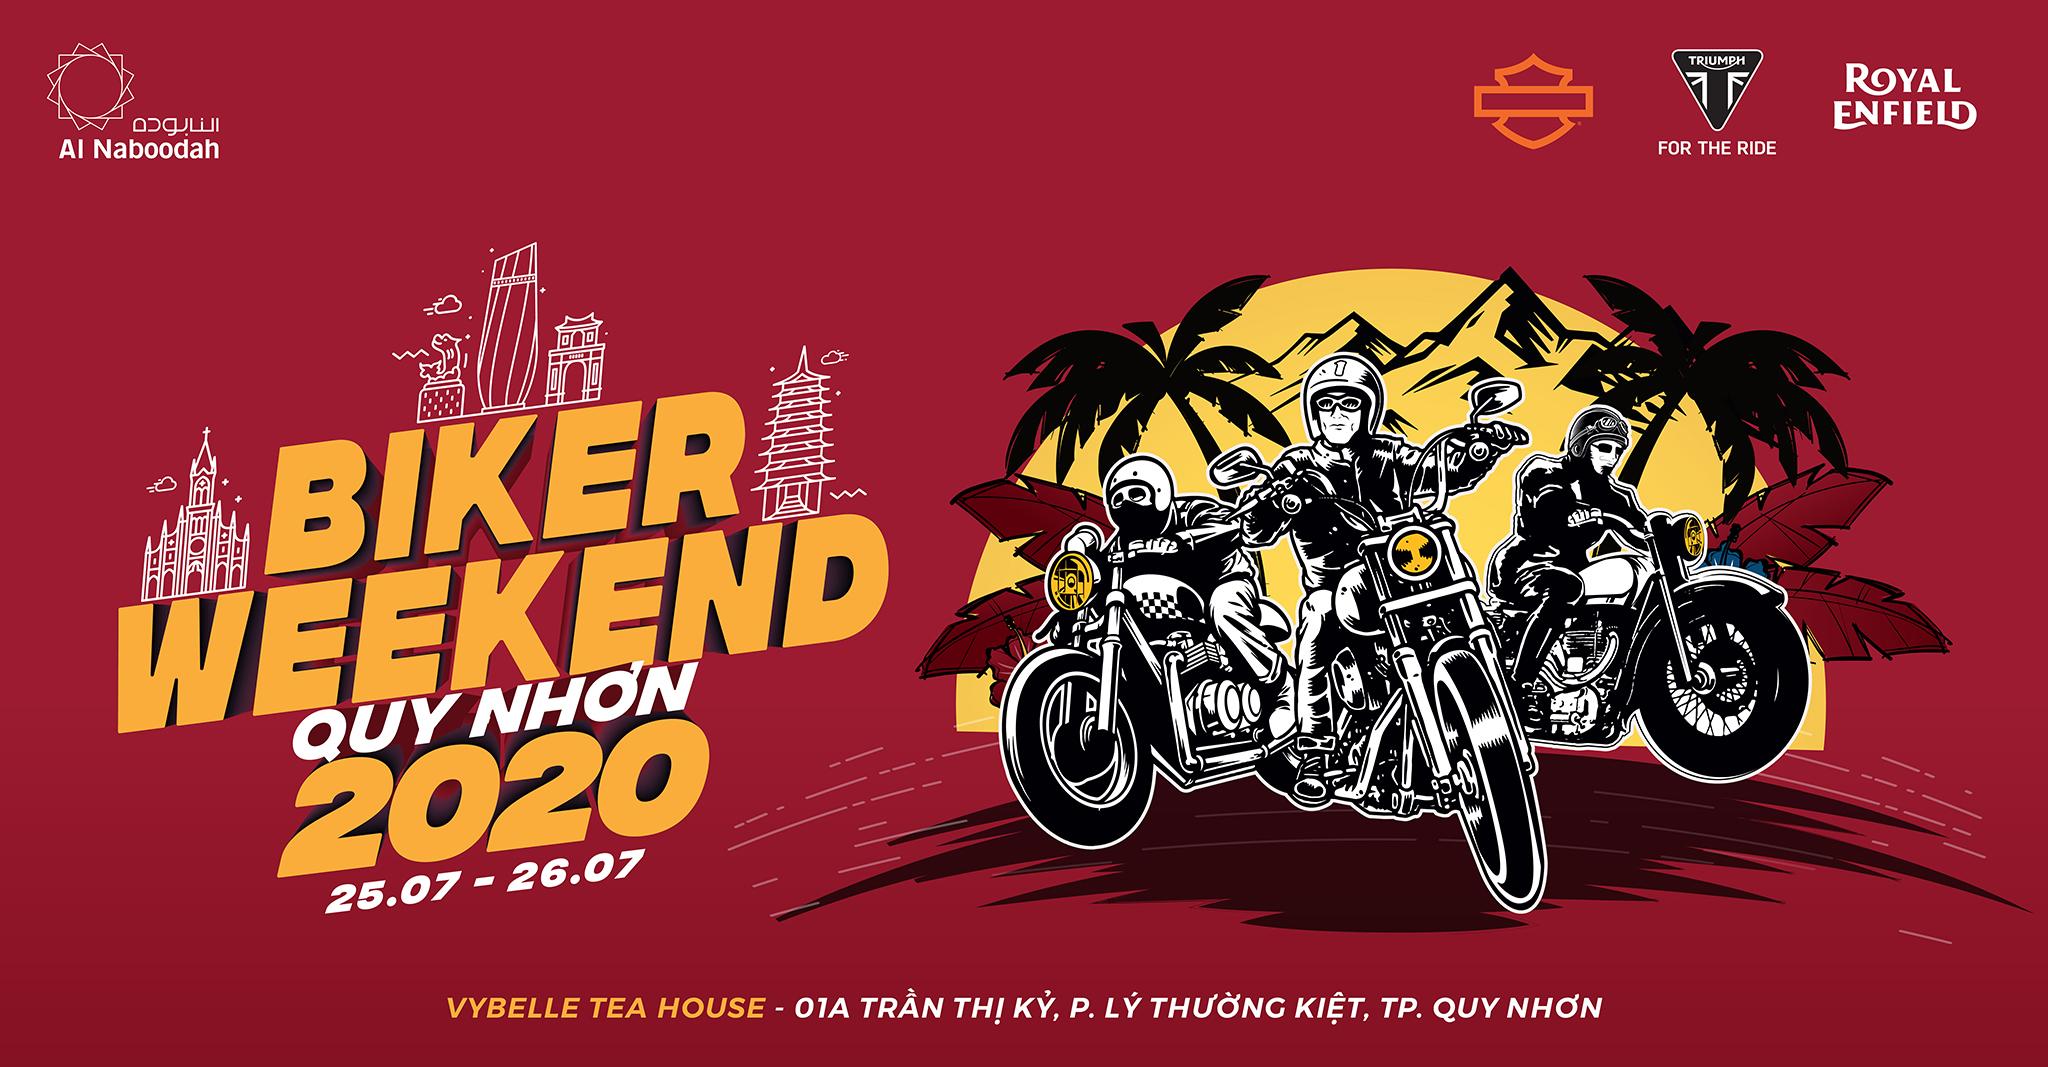 BIKER WEEKEND QUY NHƠN 2020 Đại hội moto với quy mô lớn sẽ diễn ra trong 2 ngày